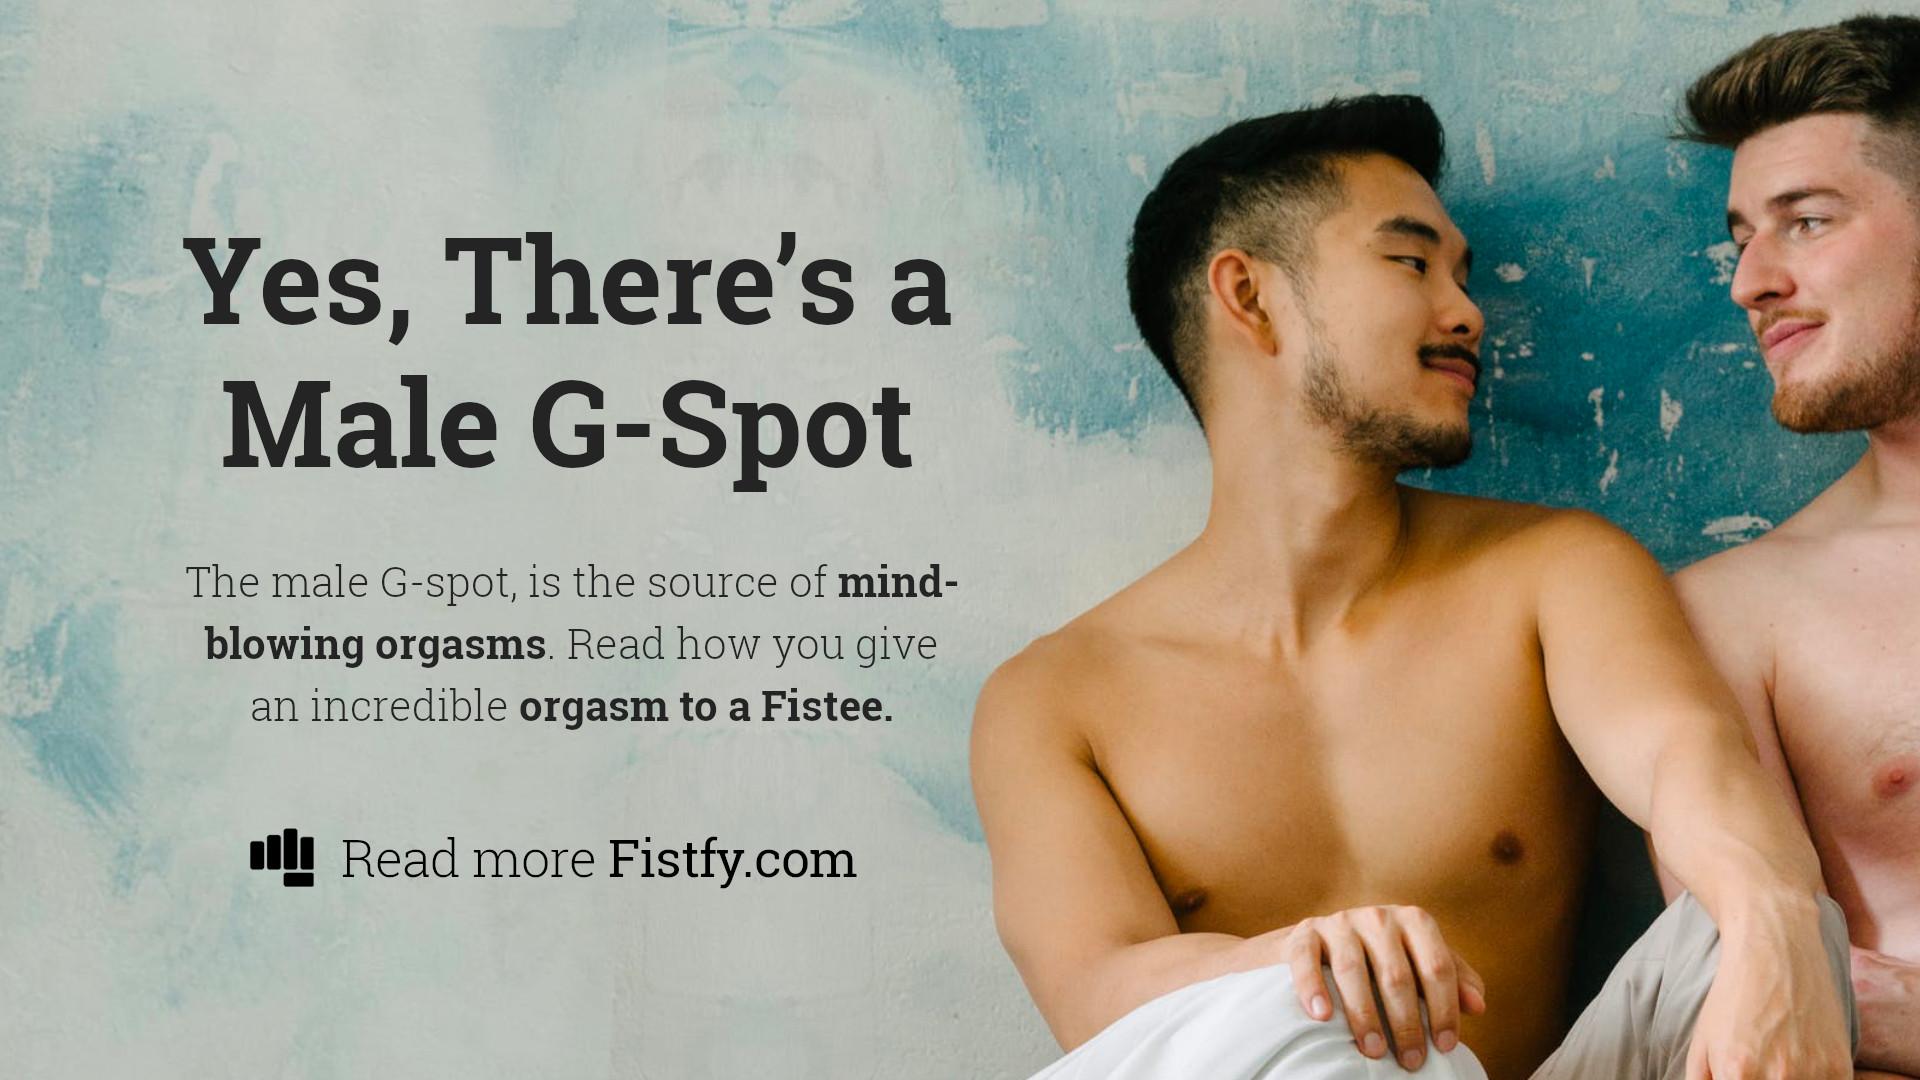 Male G-Spot